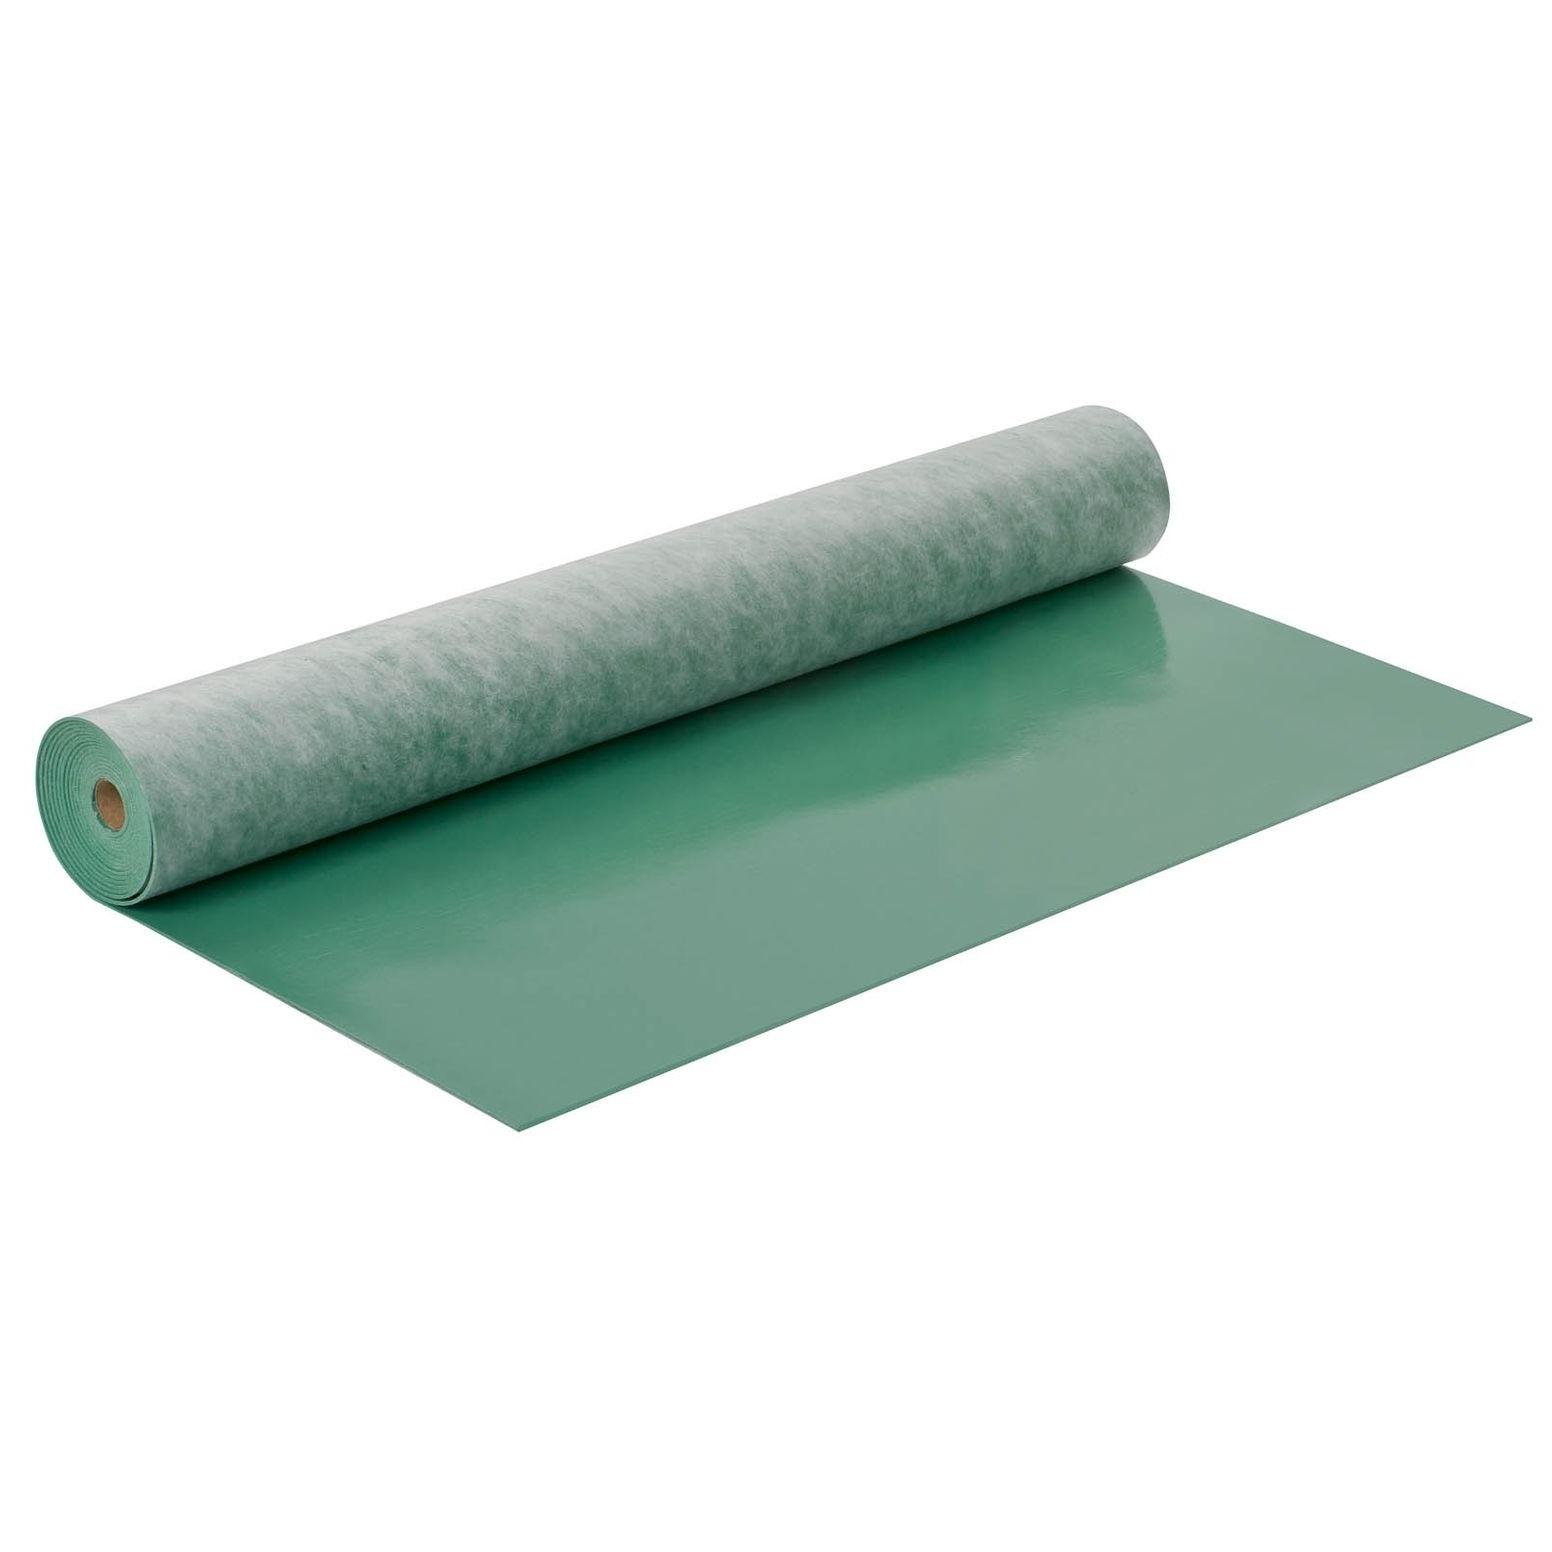 Полиуретановая подложка WPT - ECO WPT - TP3 текстиль - полиэтилен (3 мм)